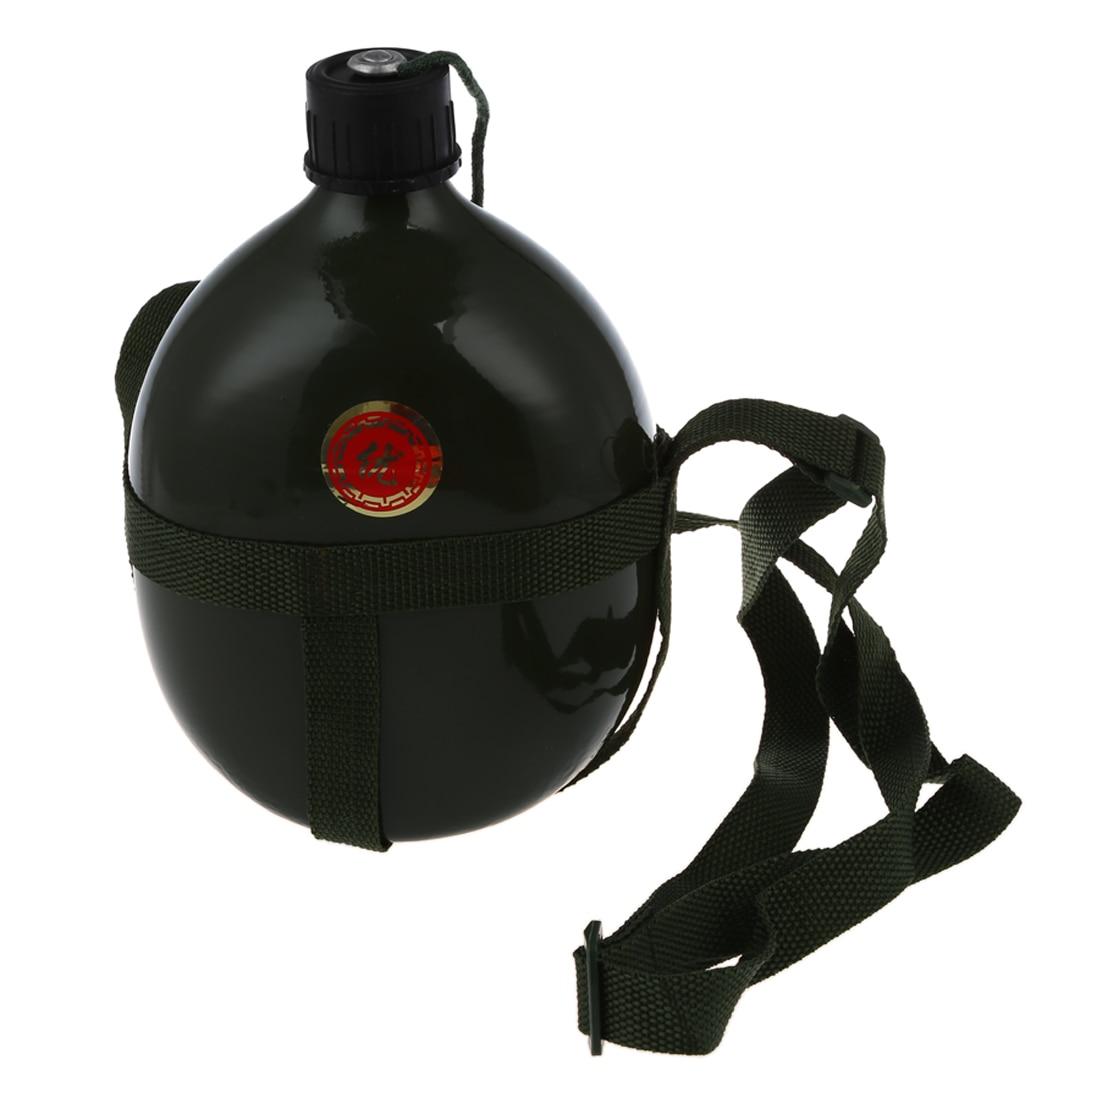 Alim 1.5l Military Sports Water Adjustable Shoulder Strap